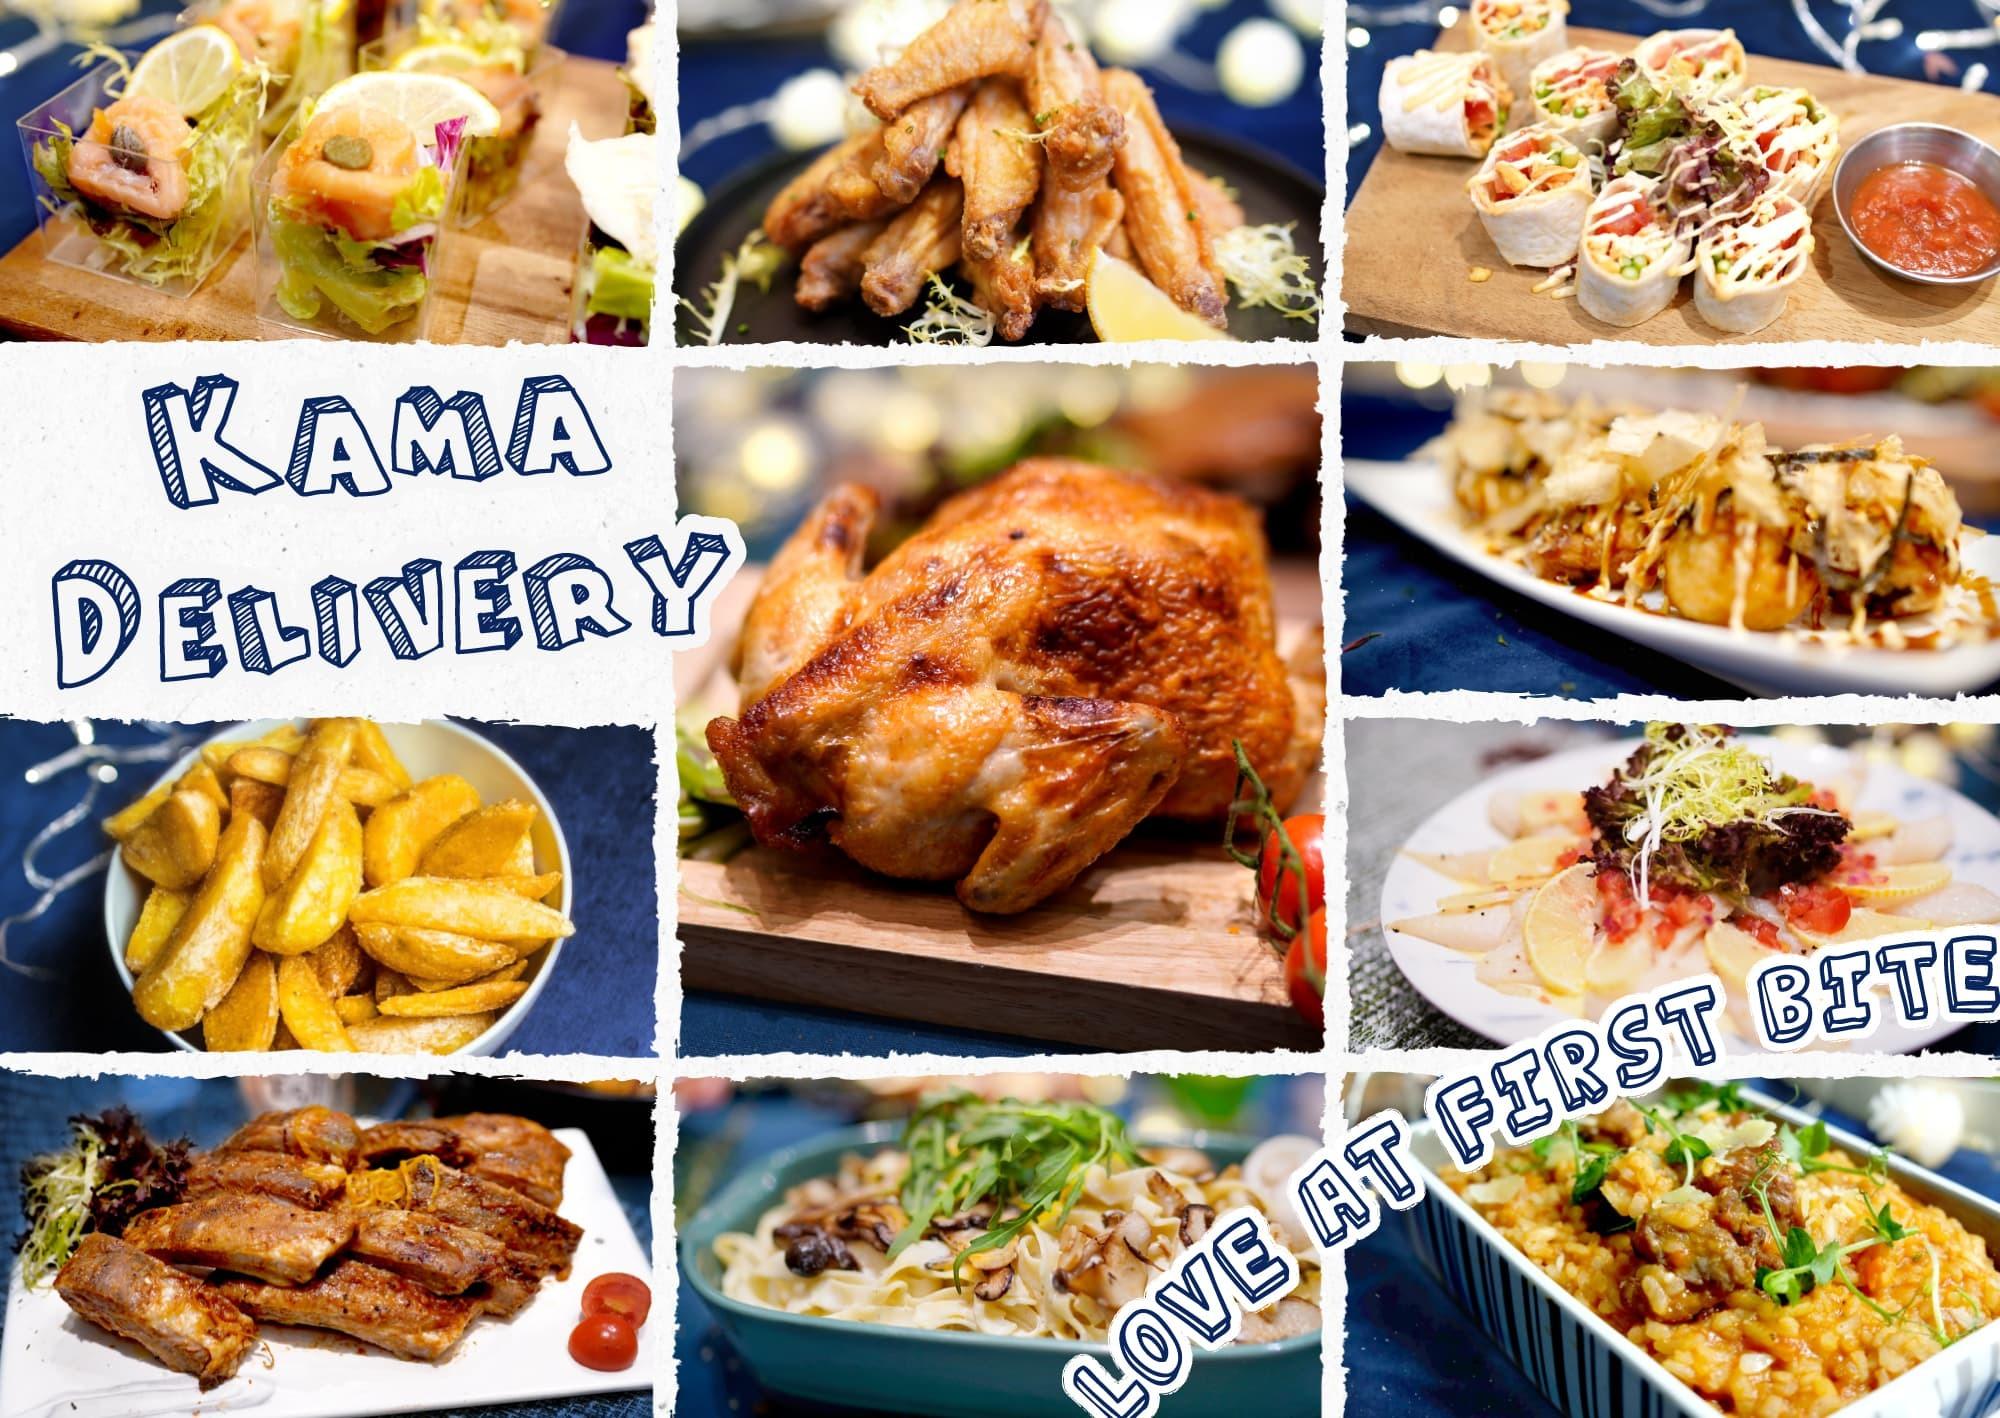 44人到會外賣.推介首選|Kama Delivery一直致力提供多元化的到會外賣服務,為客人打造最合適的餐飲,迎合不同場合的美食外賣需求。除了外賣套餐之外,我們同樣設有過百款的單點美食,包括沙律、小食、主菜、甜品、飲品等等,大量美食任君選擇。